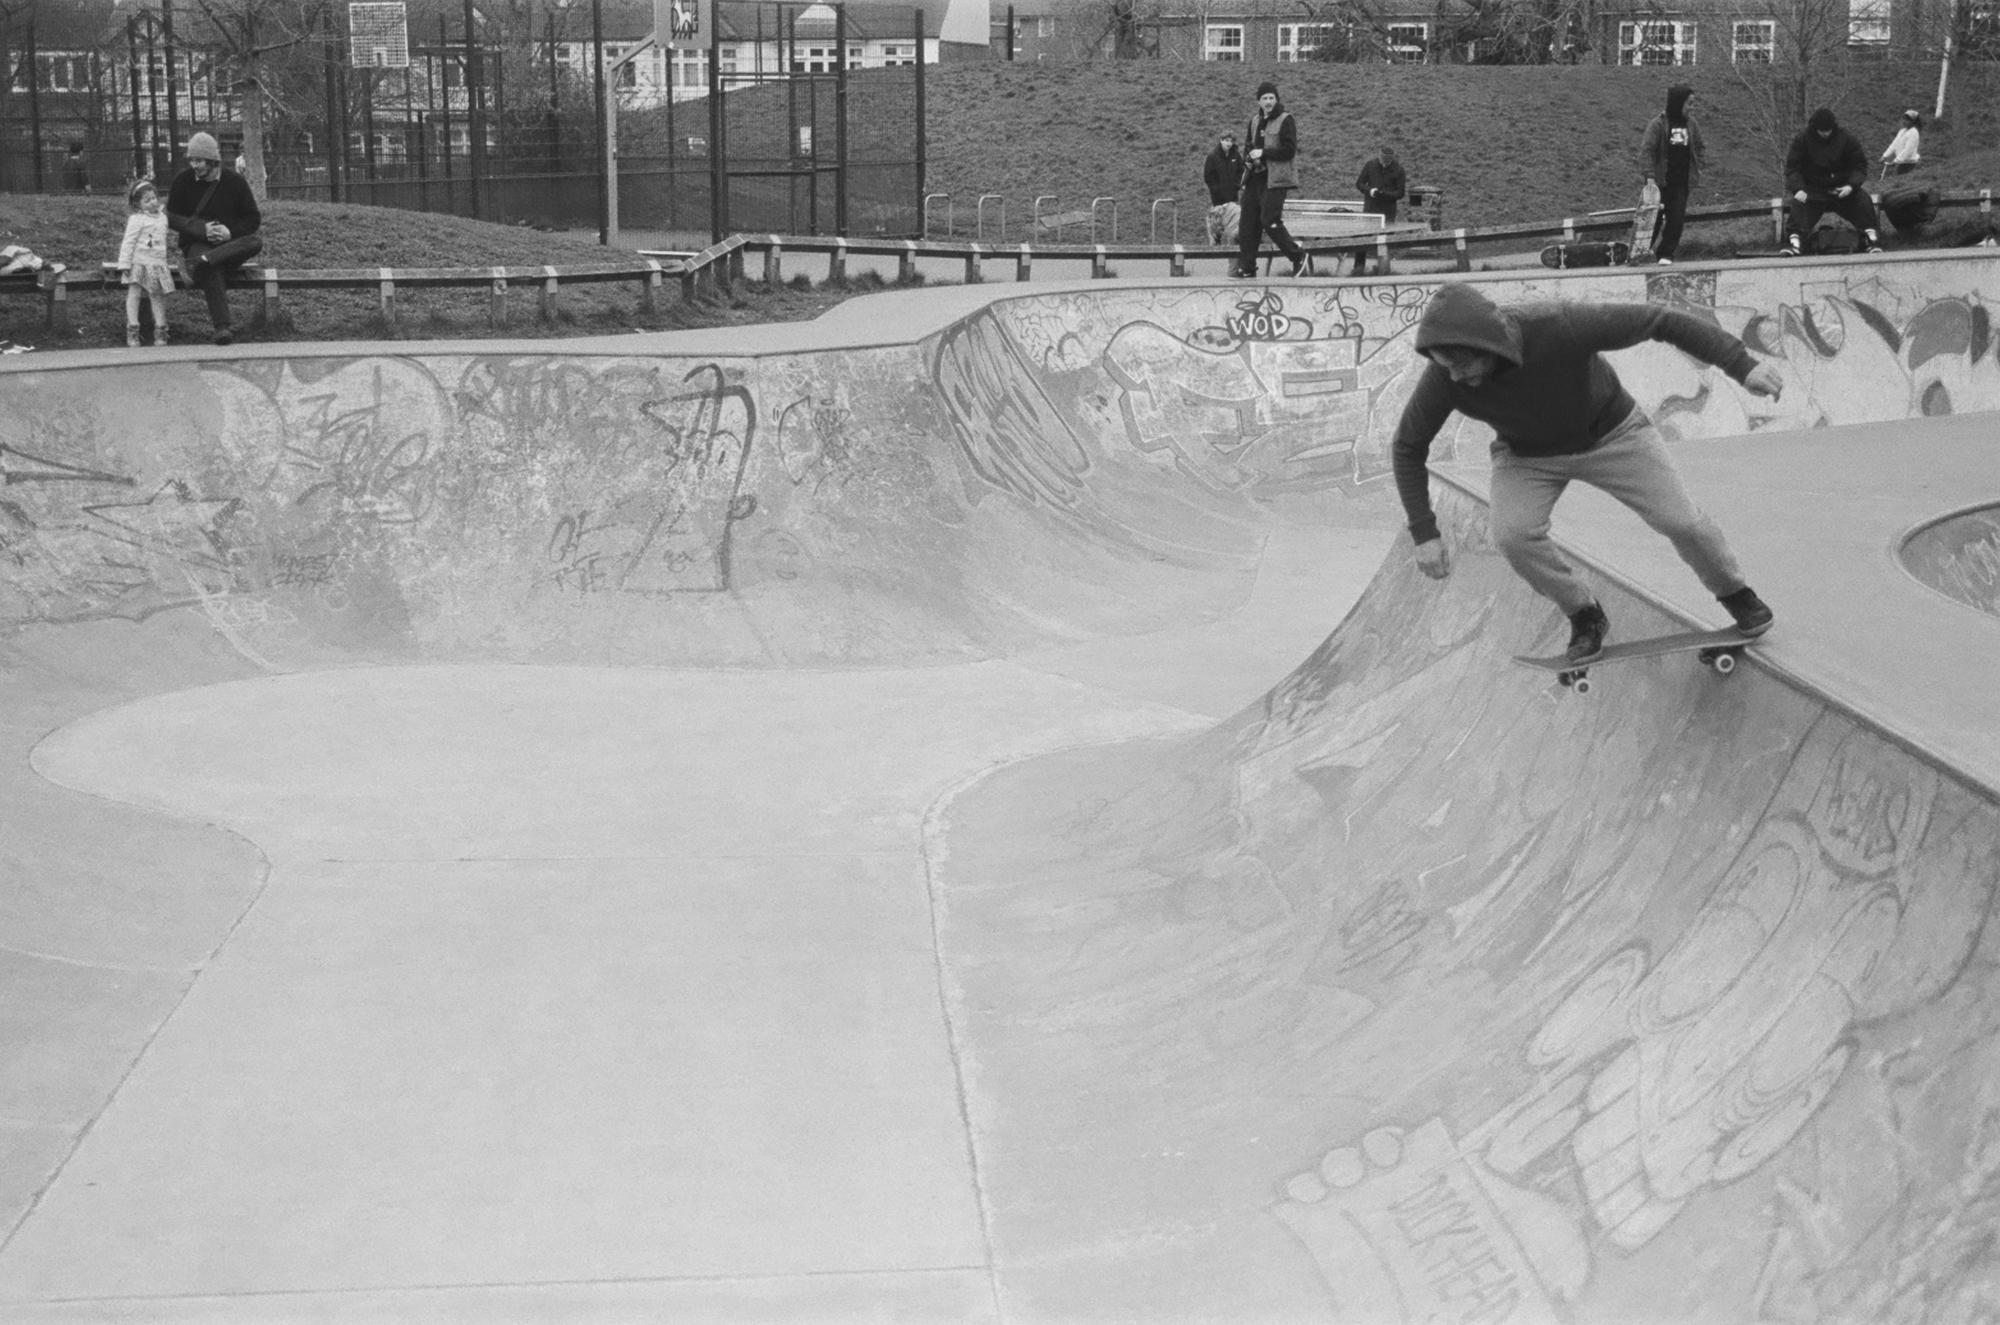 Skater on ramp (Pic: Rob Andrews)